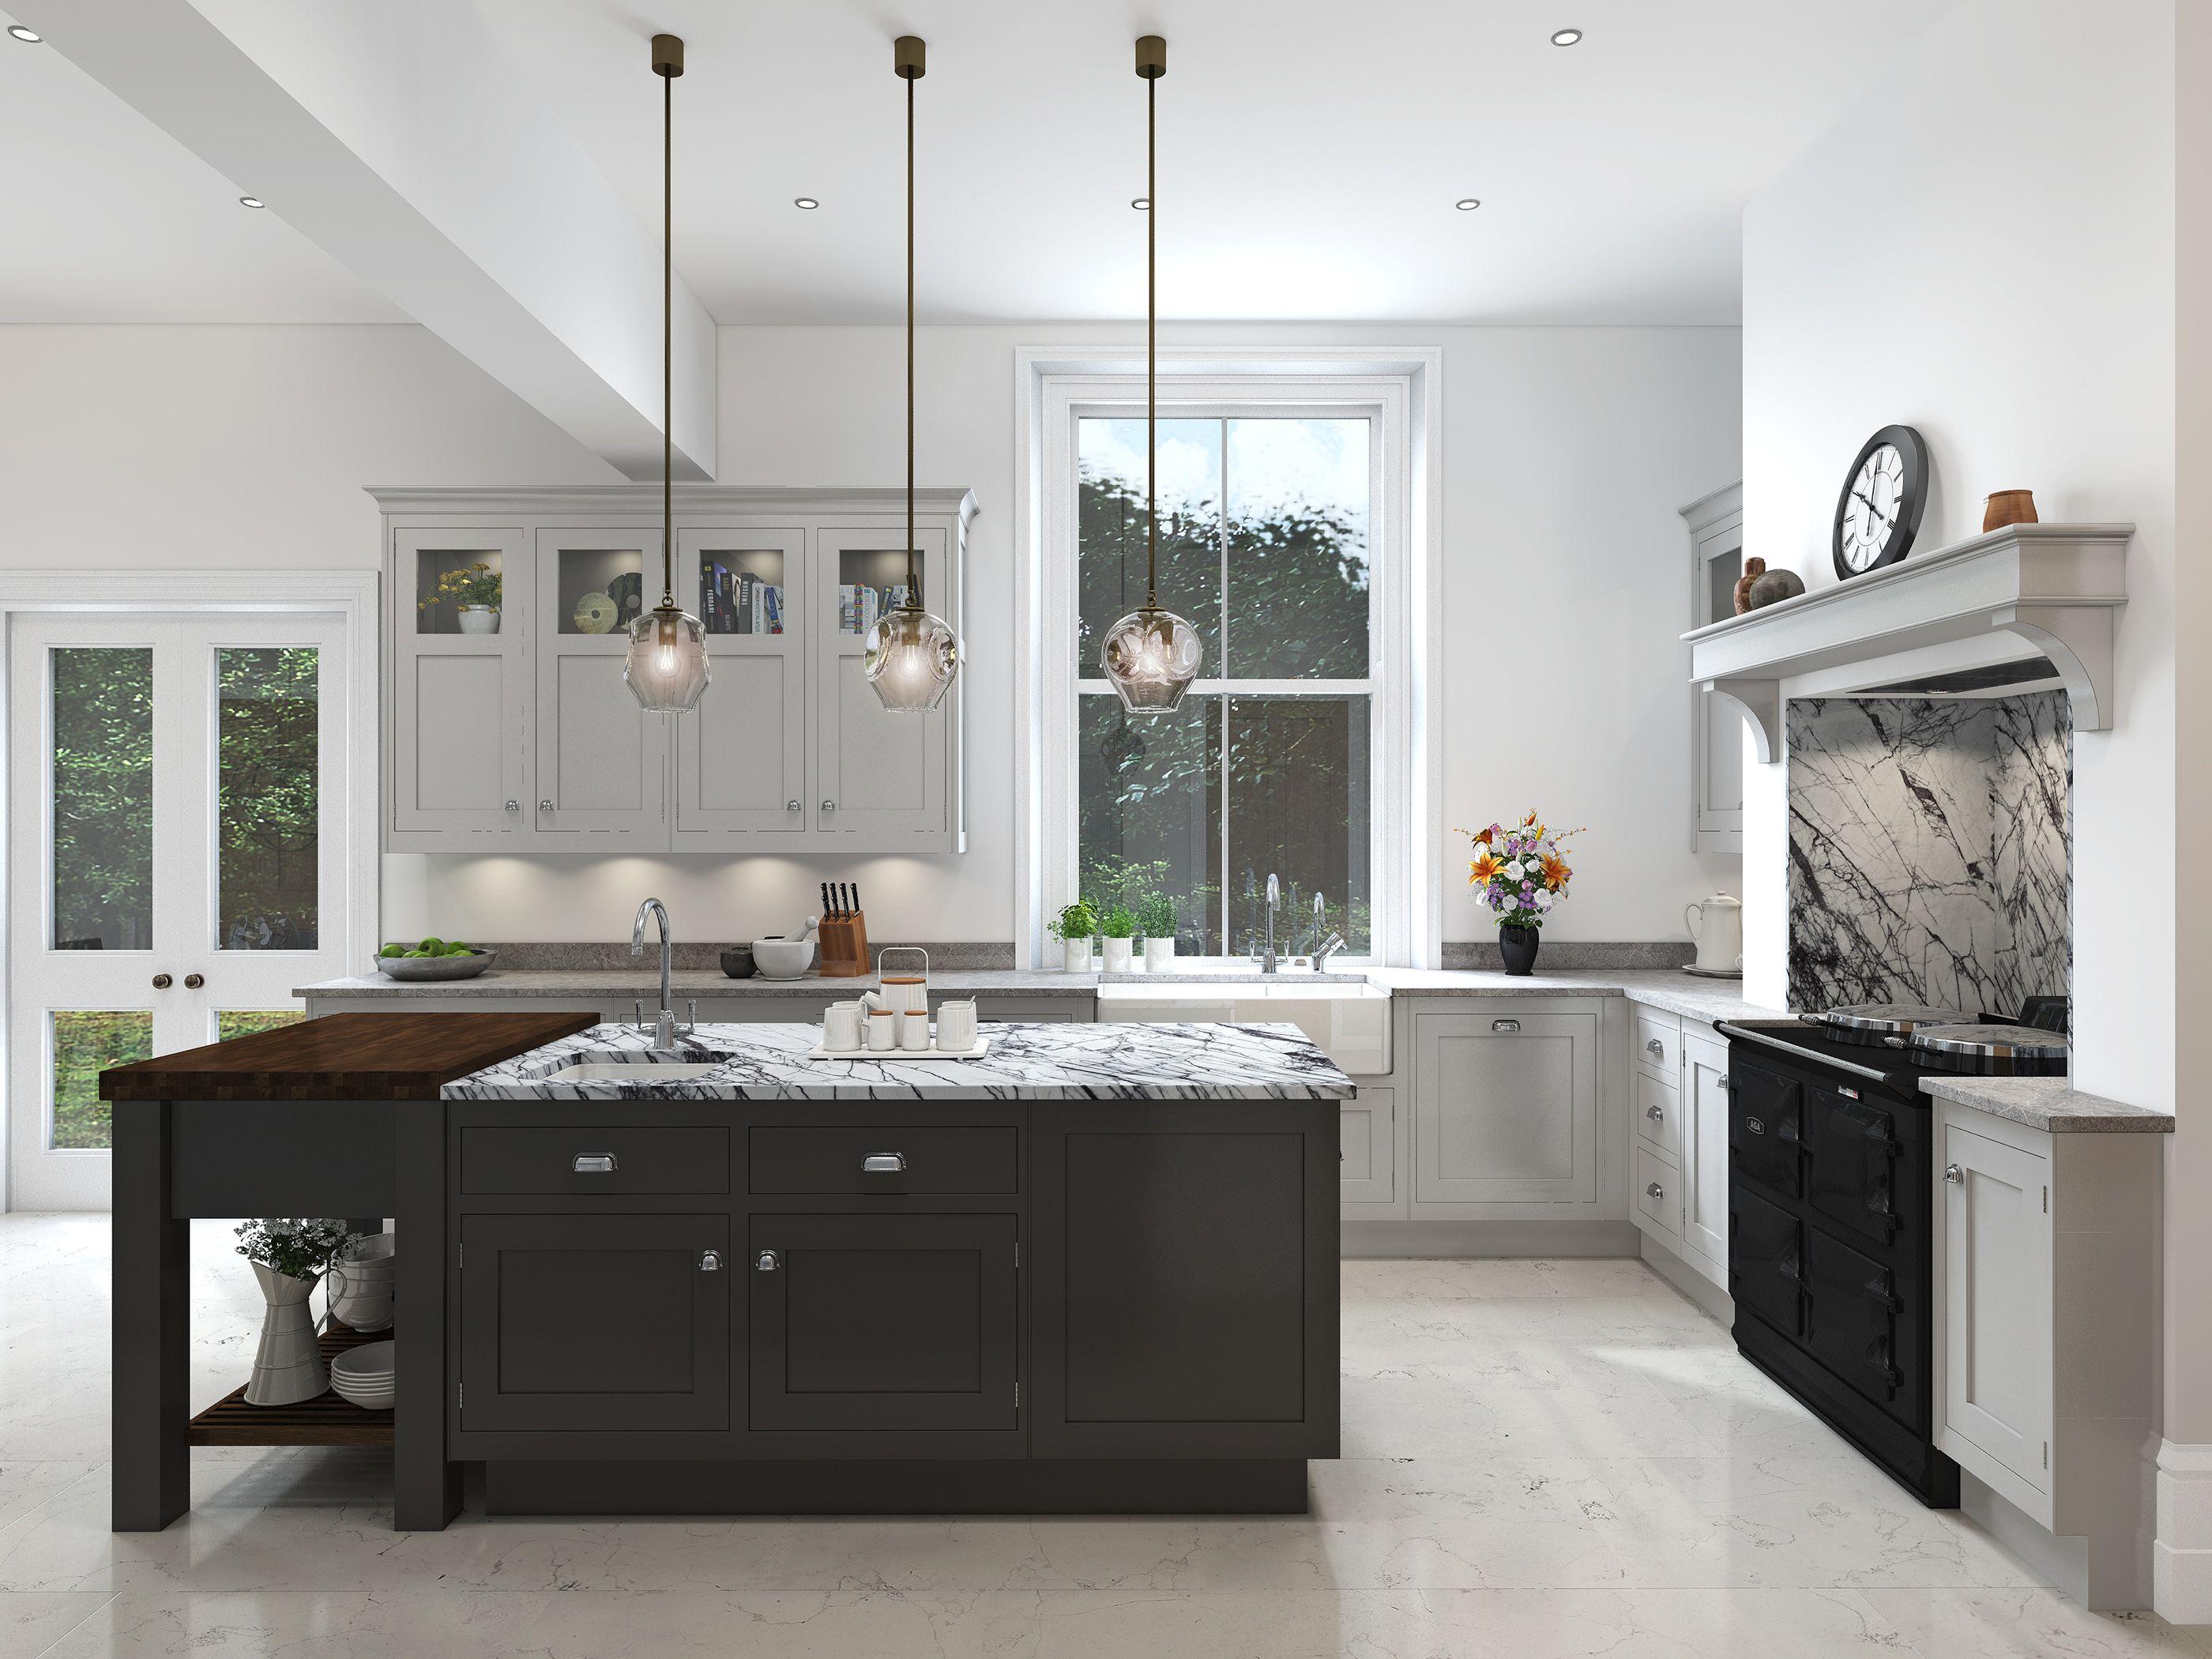 Mark Wilkinson Kitchen CGI (With images) Kitchen design